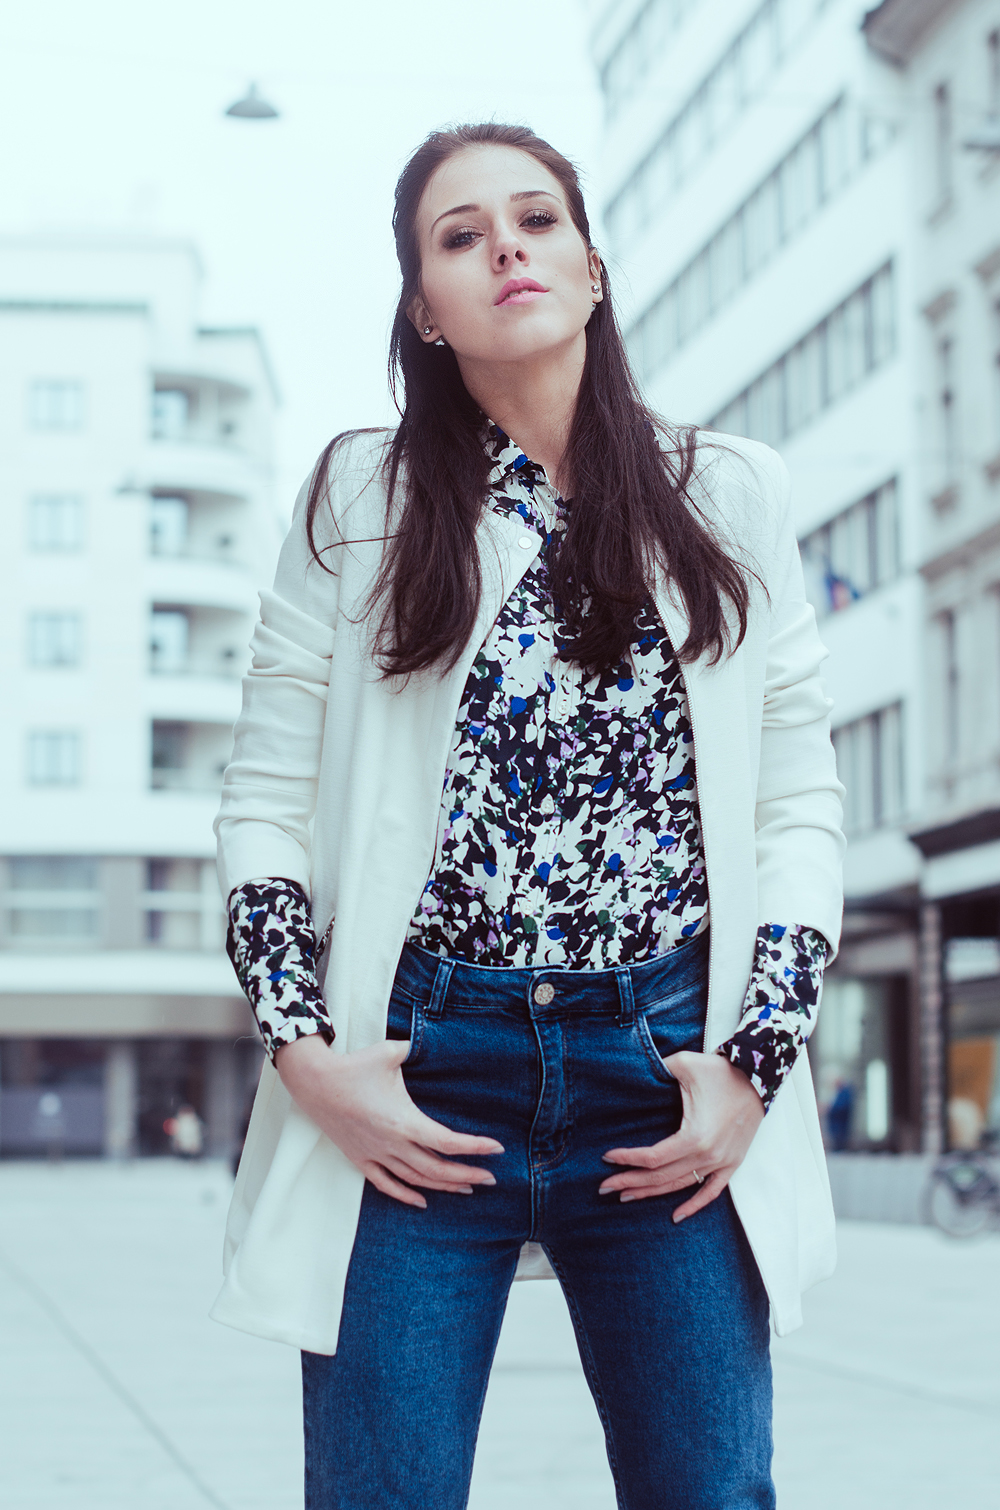 Eva Ahačevčič_Love, Eva_Banana Republic_Mom's jeans_OOTD 1